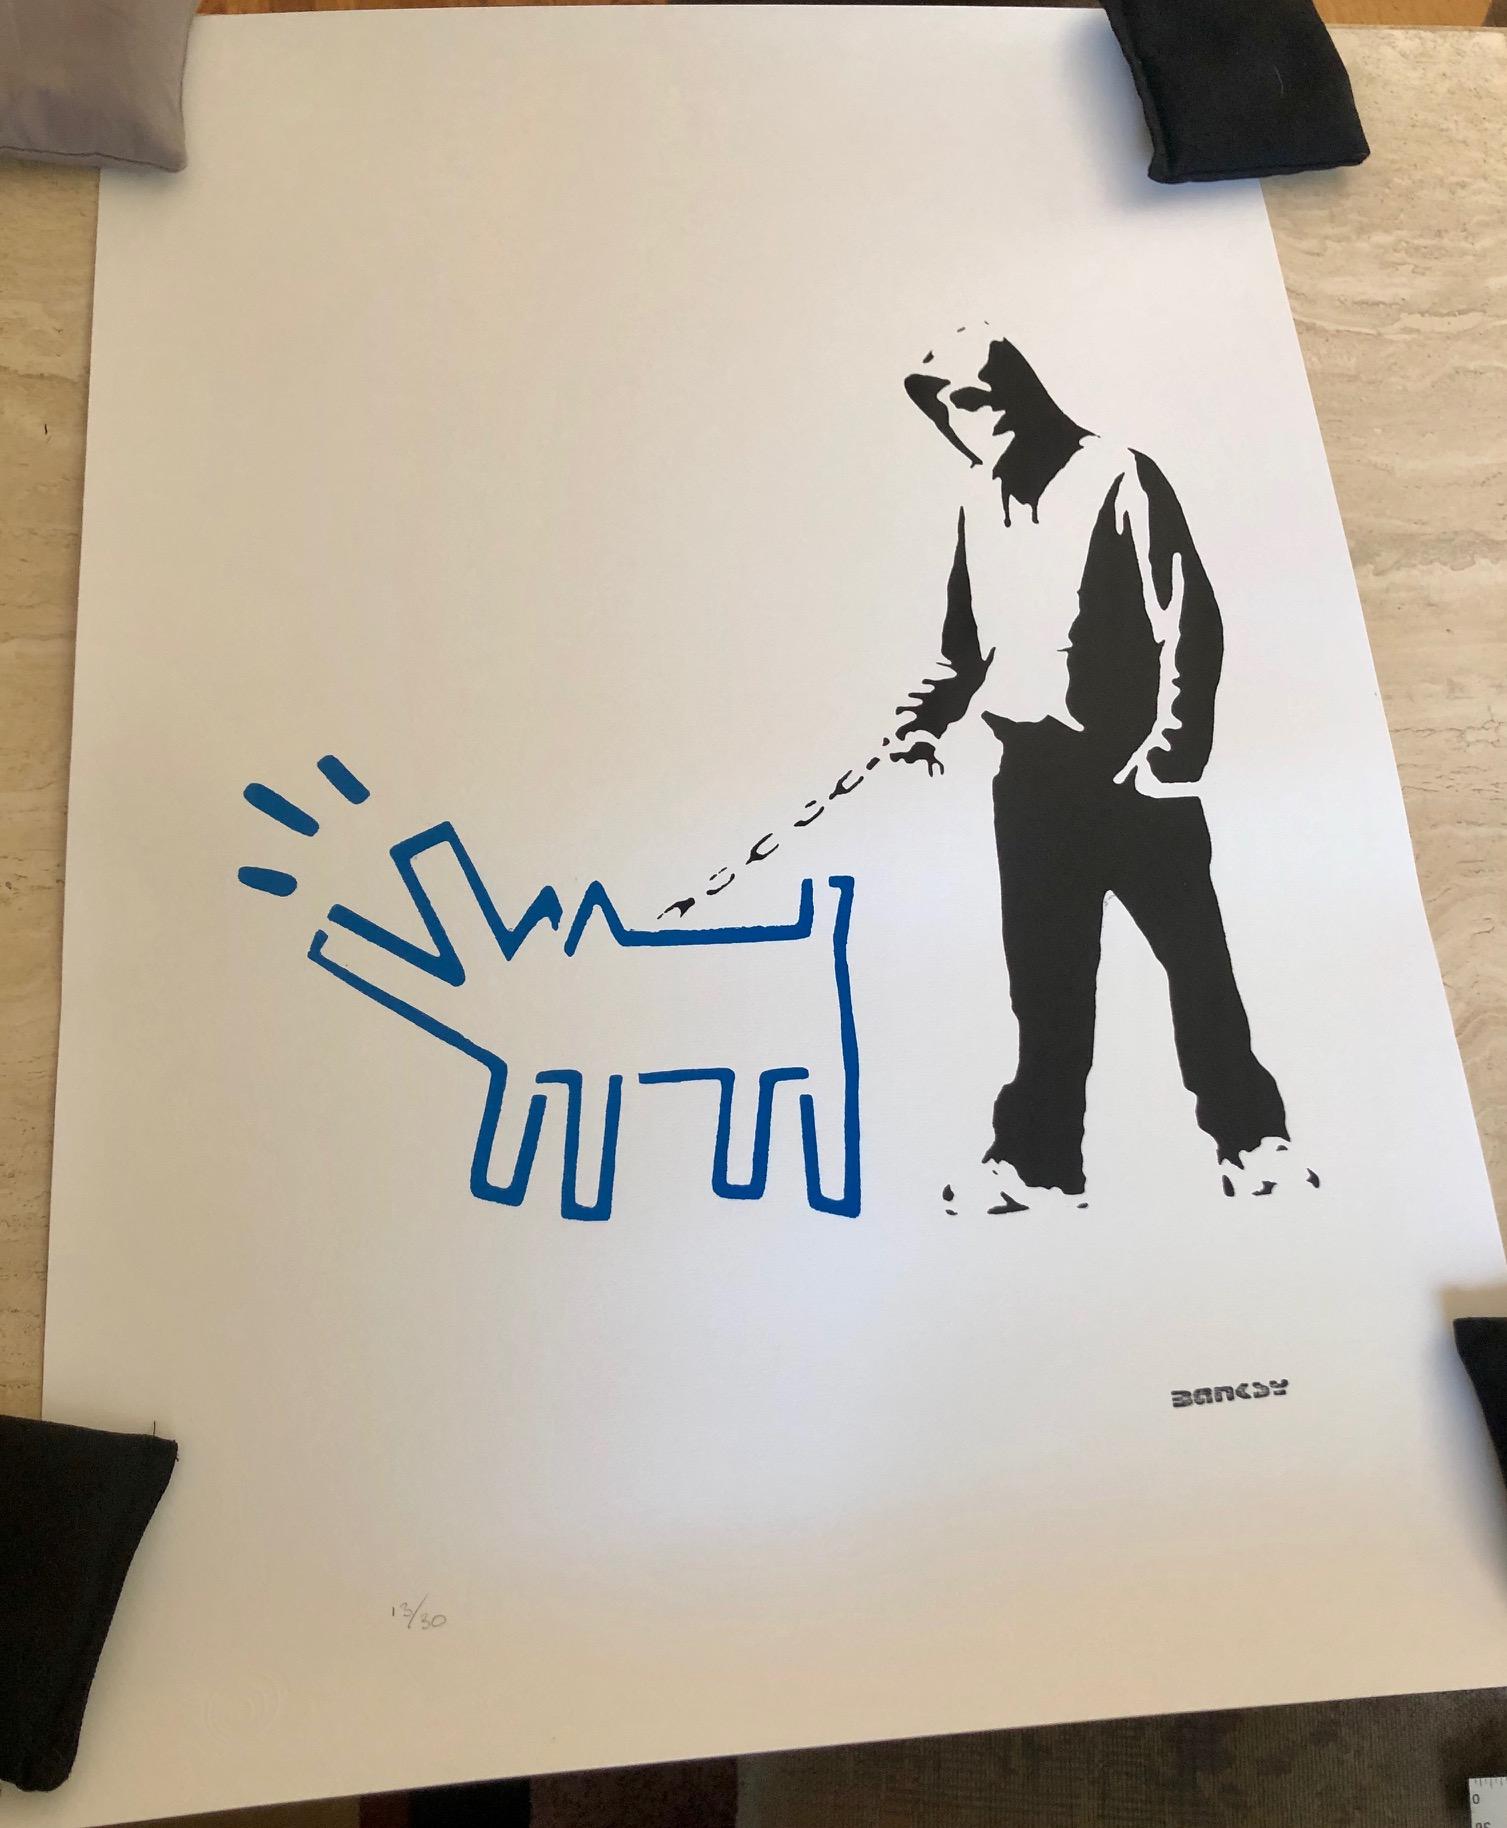 Banksy - Hoodie & Har... by   Banksy - Masterpiece Online